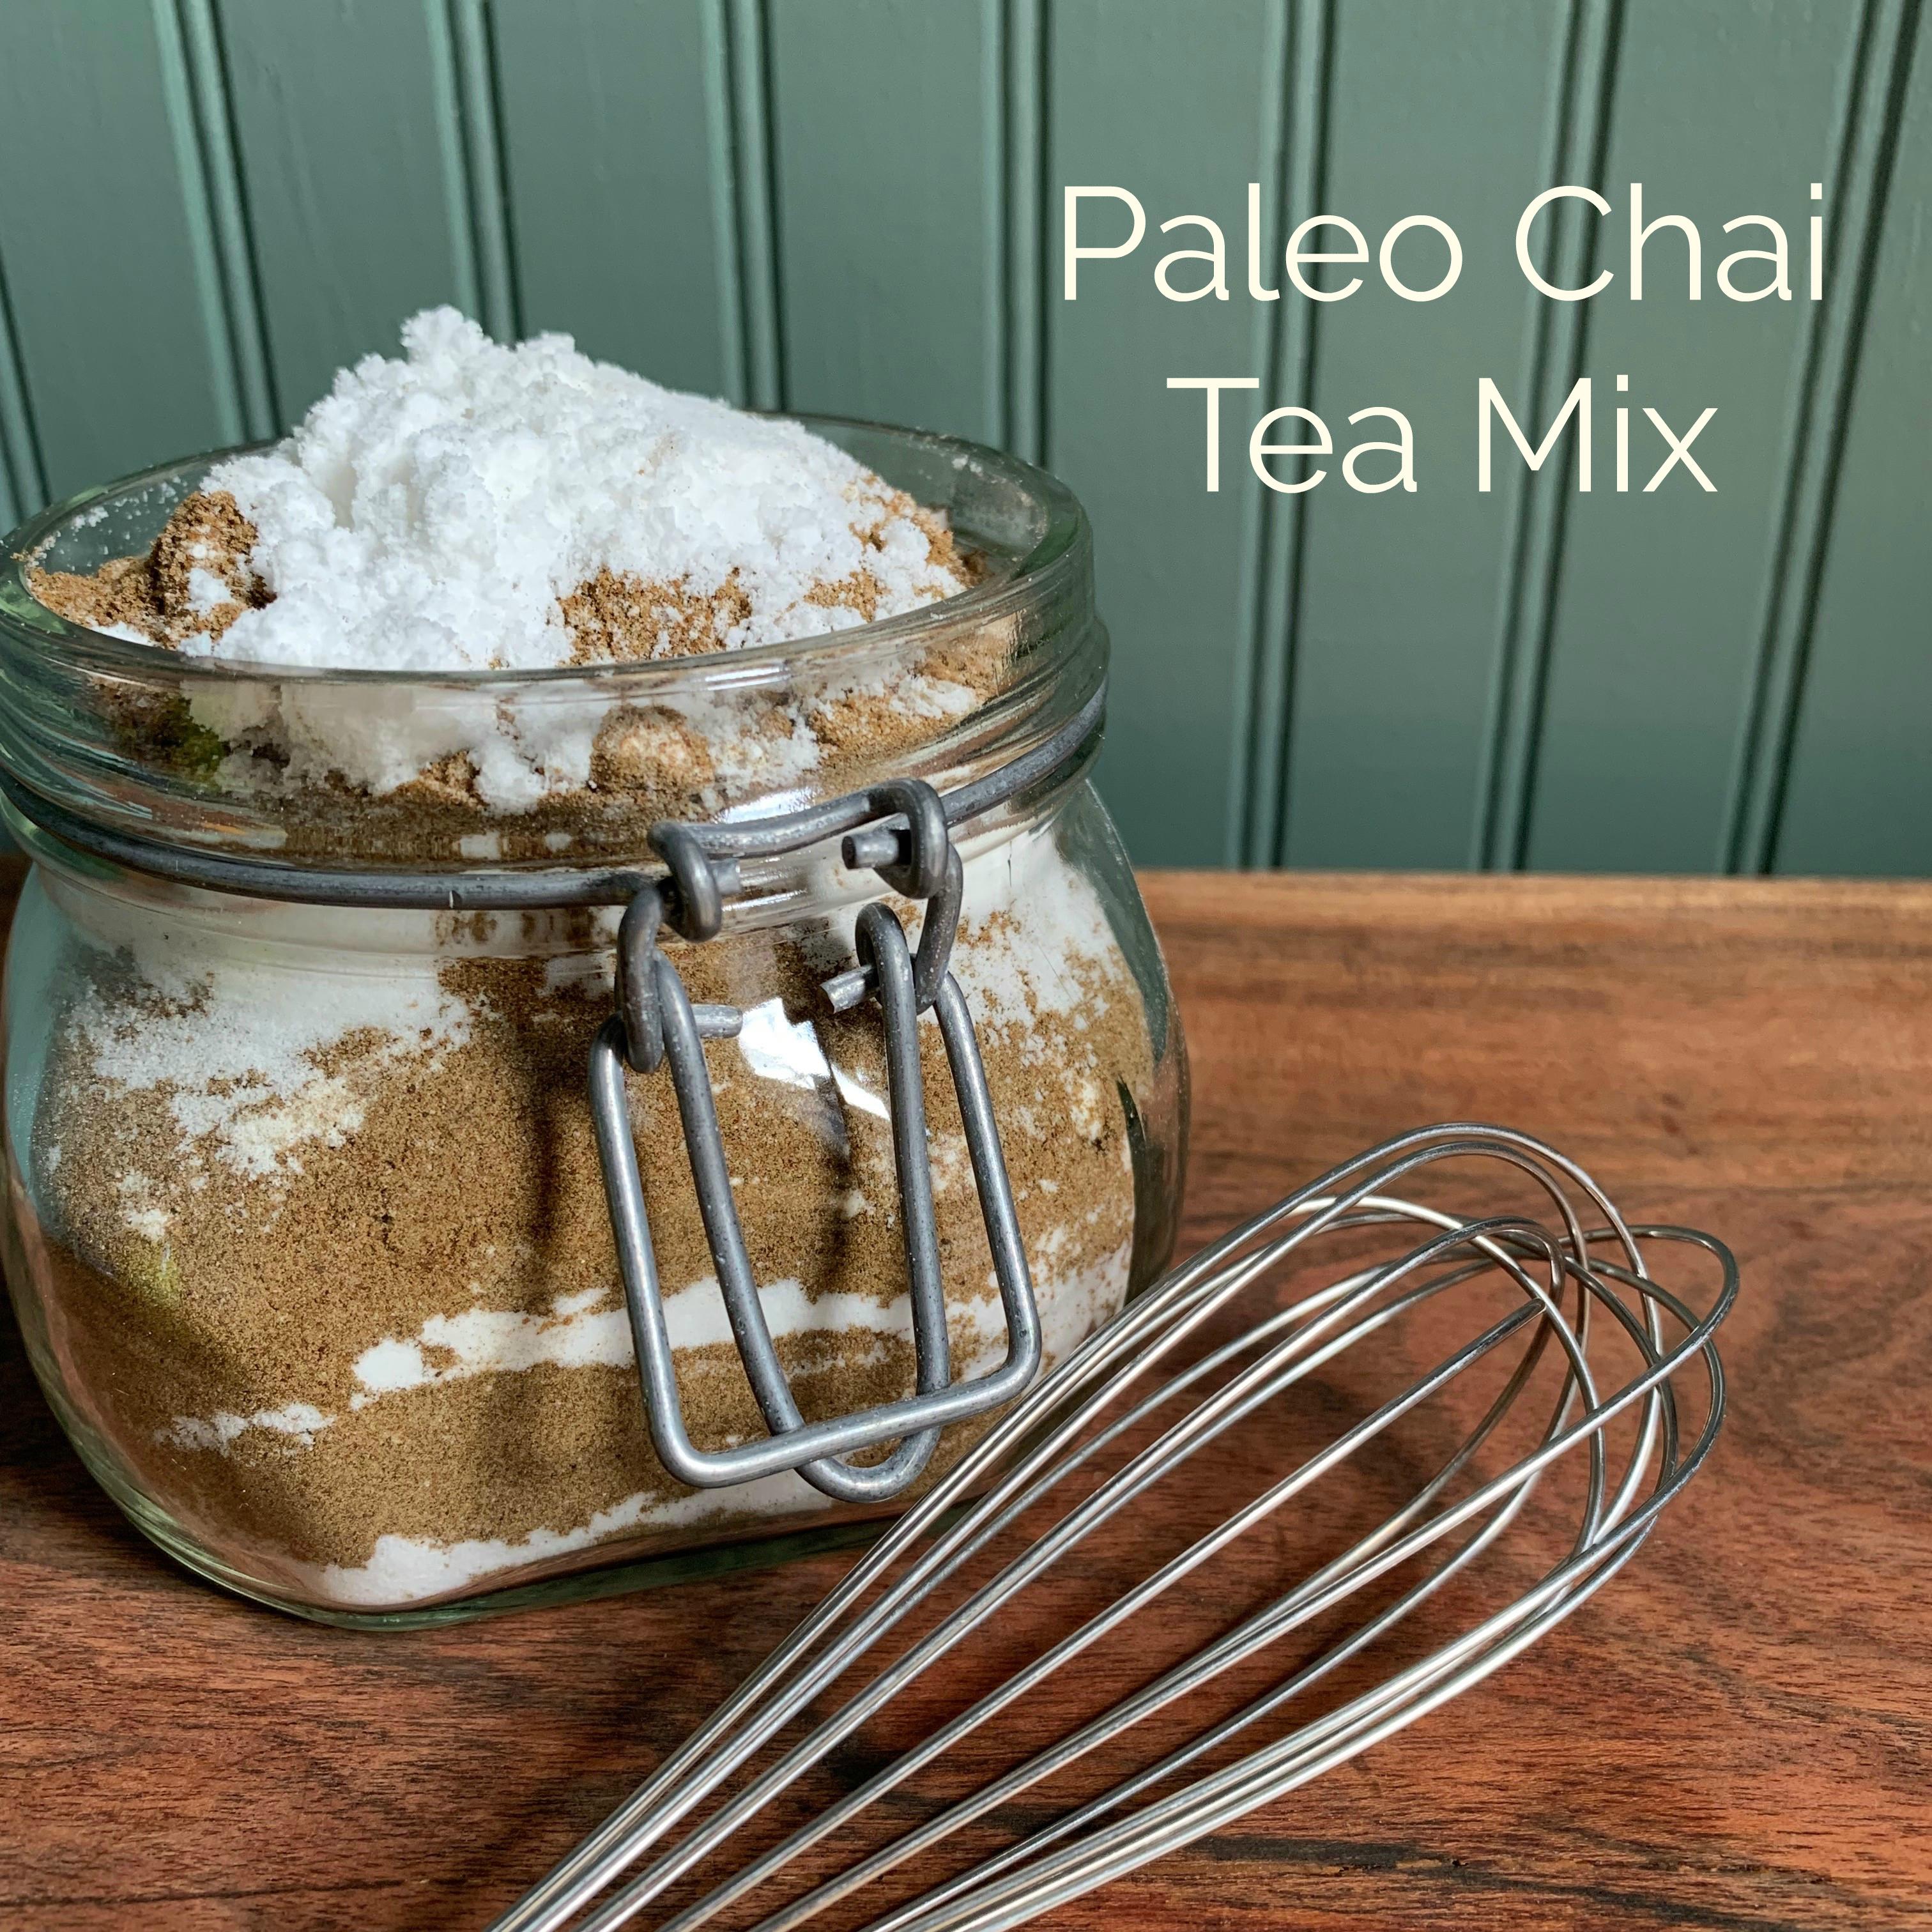 Paleo Chai